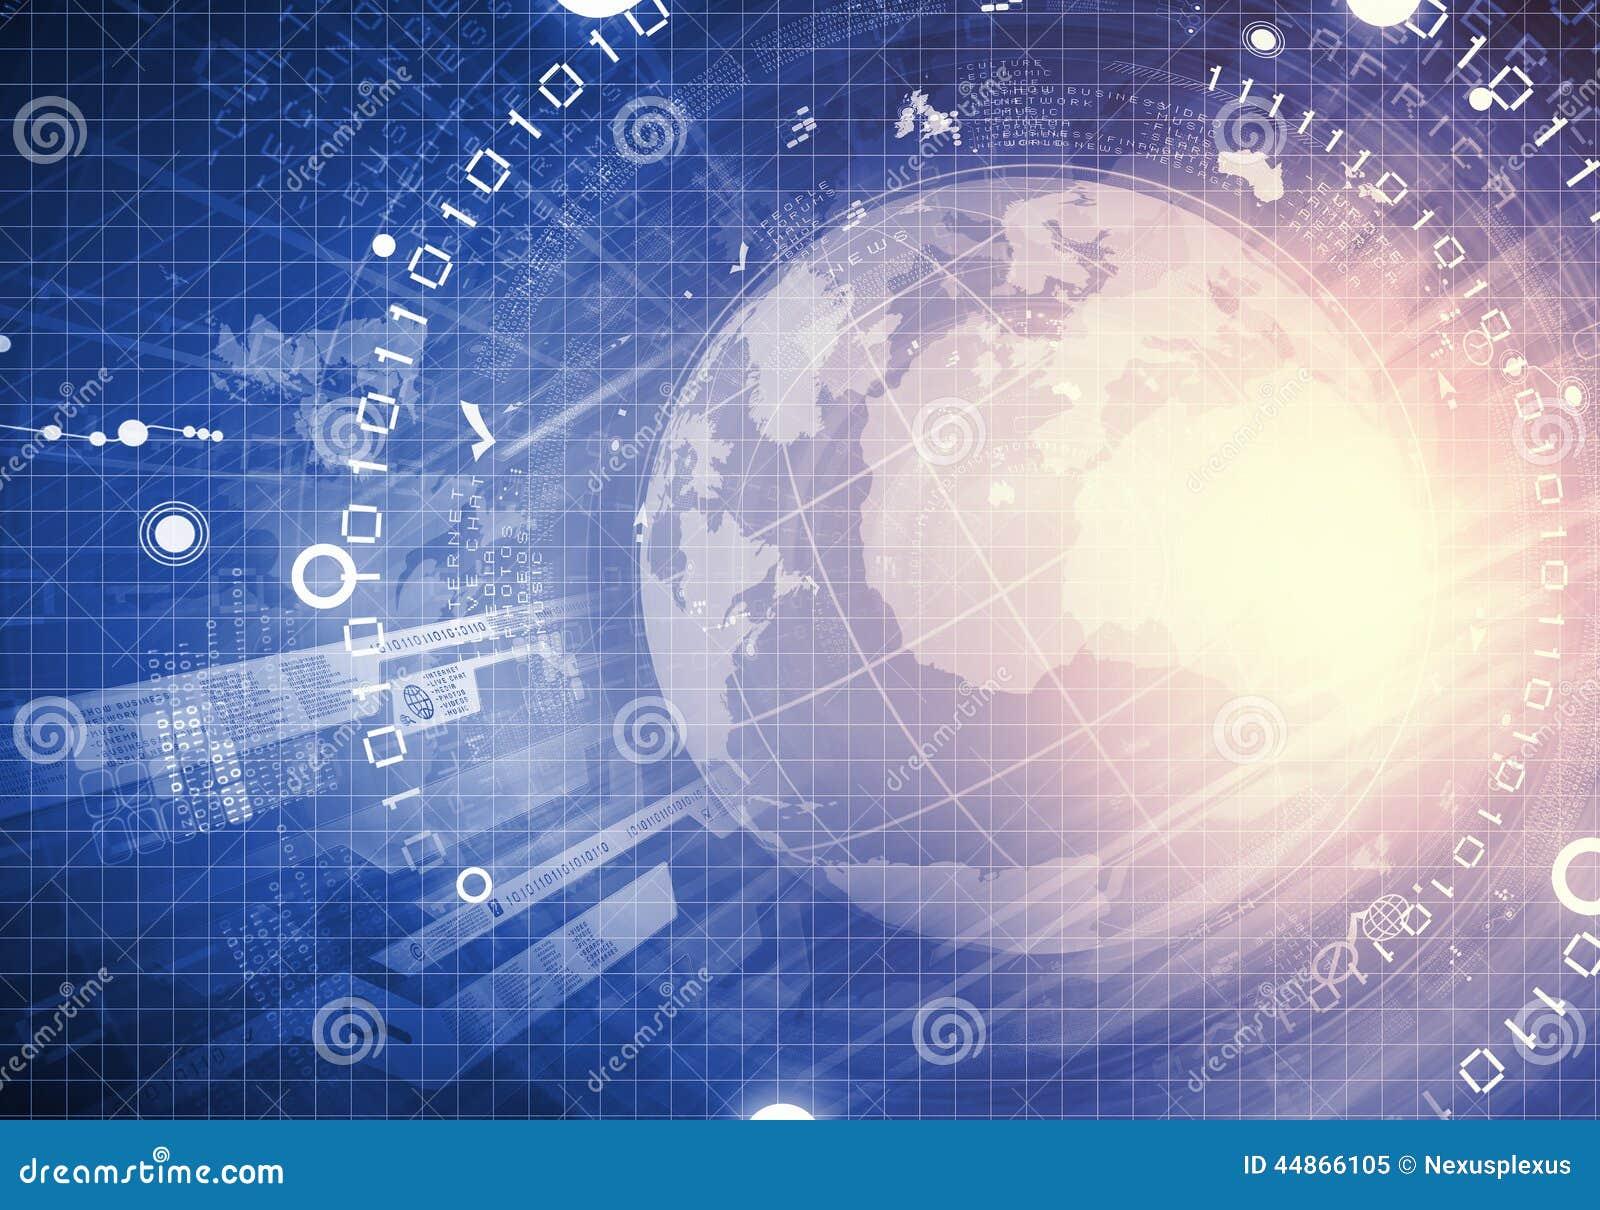 高科技背景圖片